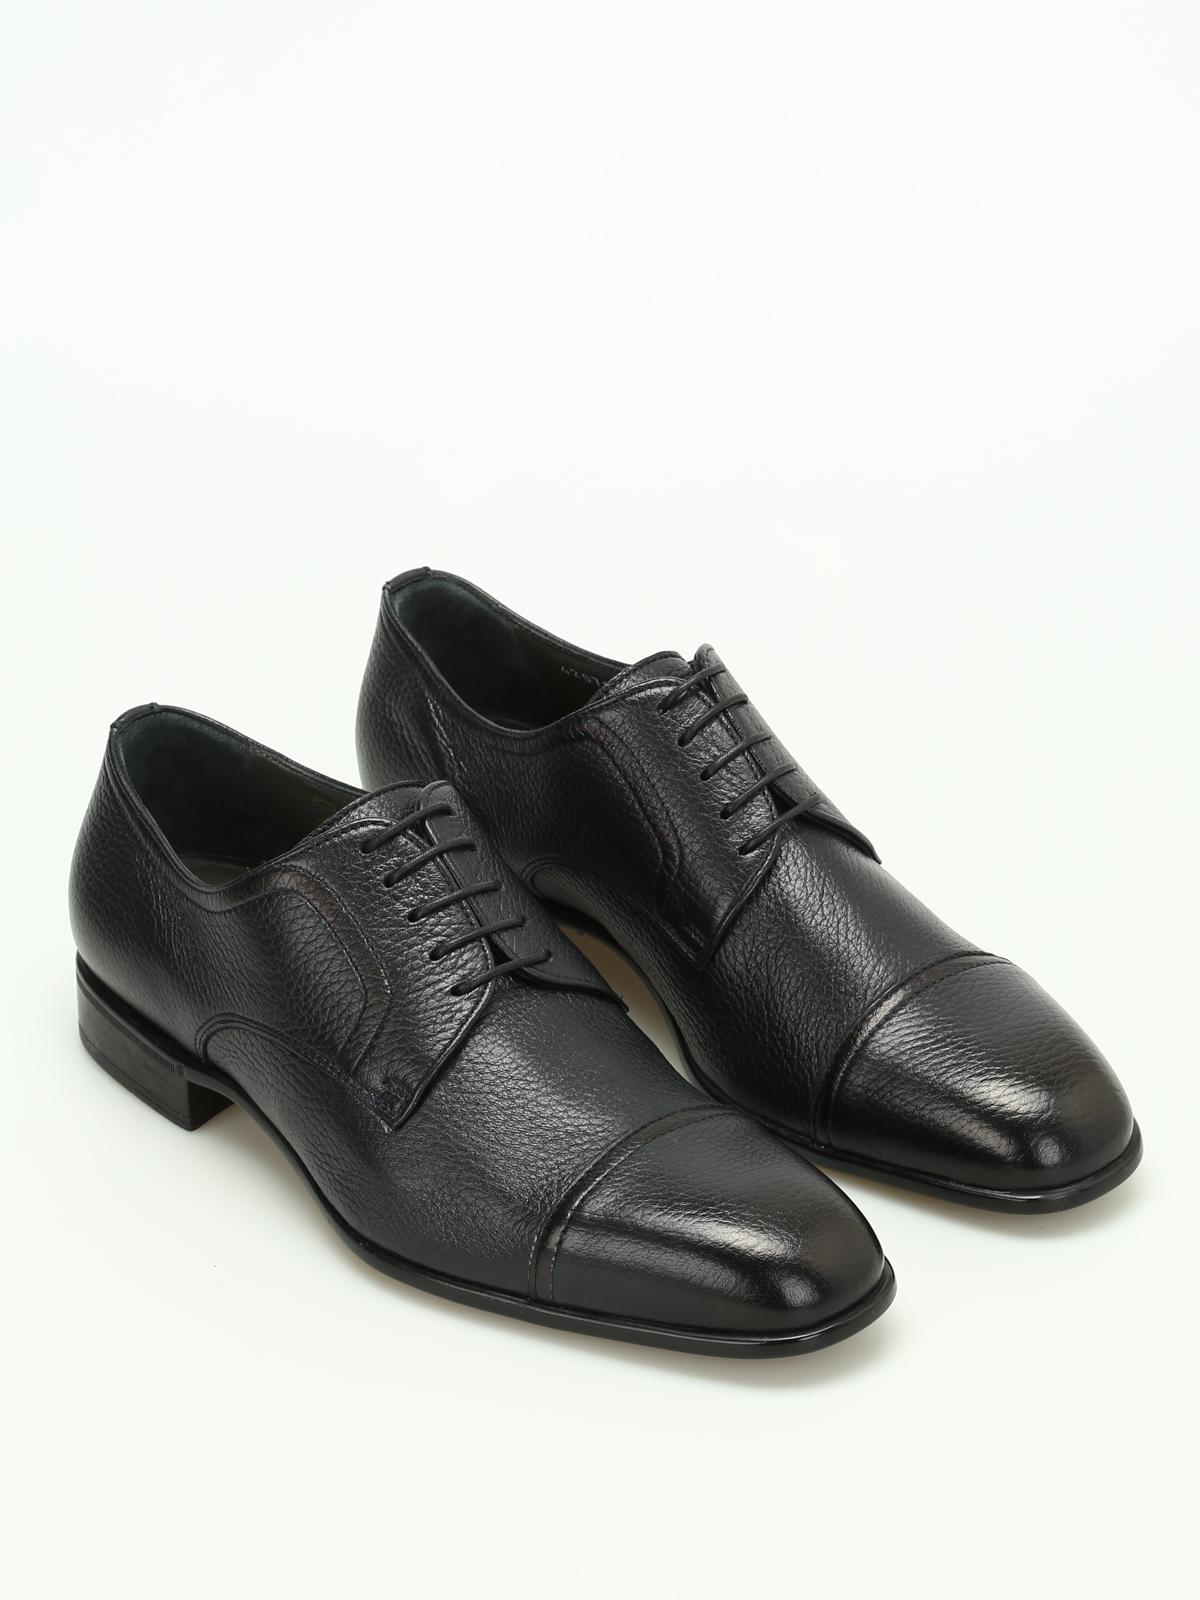 Mf 042072 Moreschi Oscuro Azul Zapatos Clásicos 0PwmnyvN8O